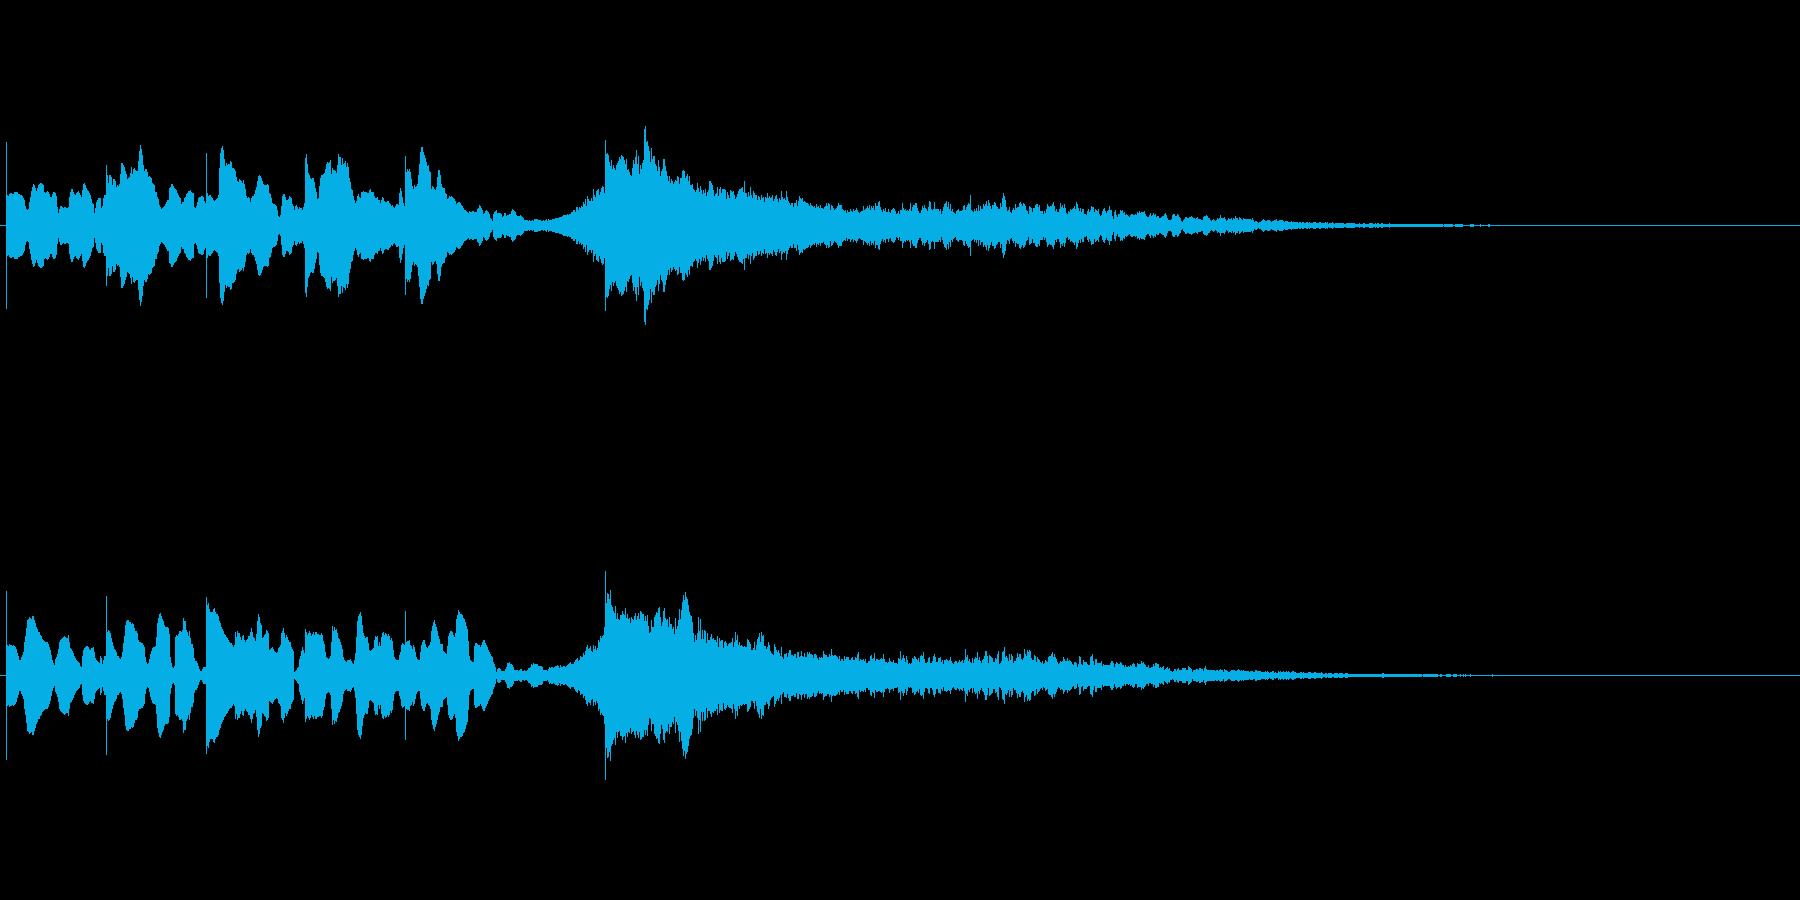 爽やかサウンドロゴ_ベル系シンセ_03の再生済みの波形